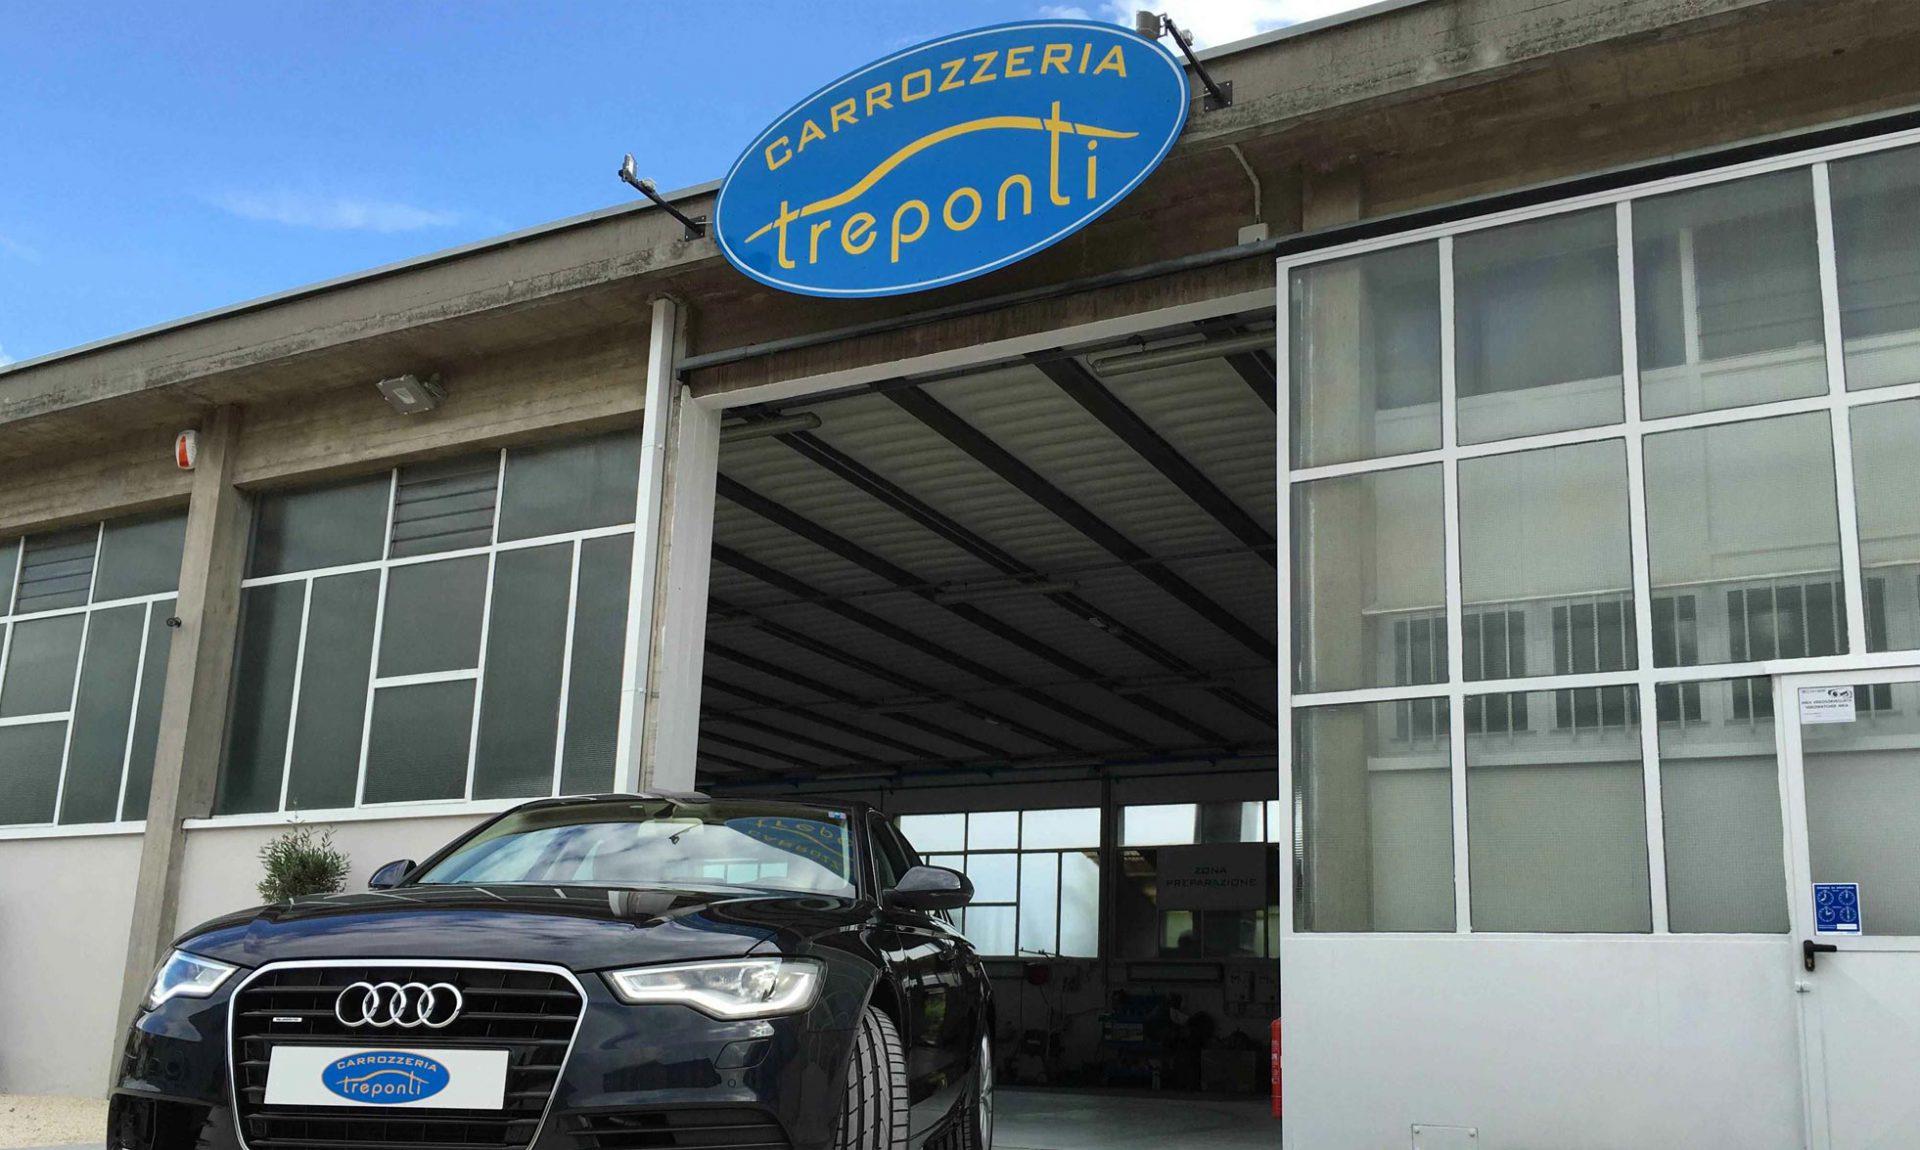 Carrozzeria Treponti